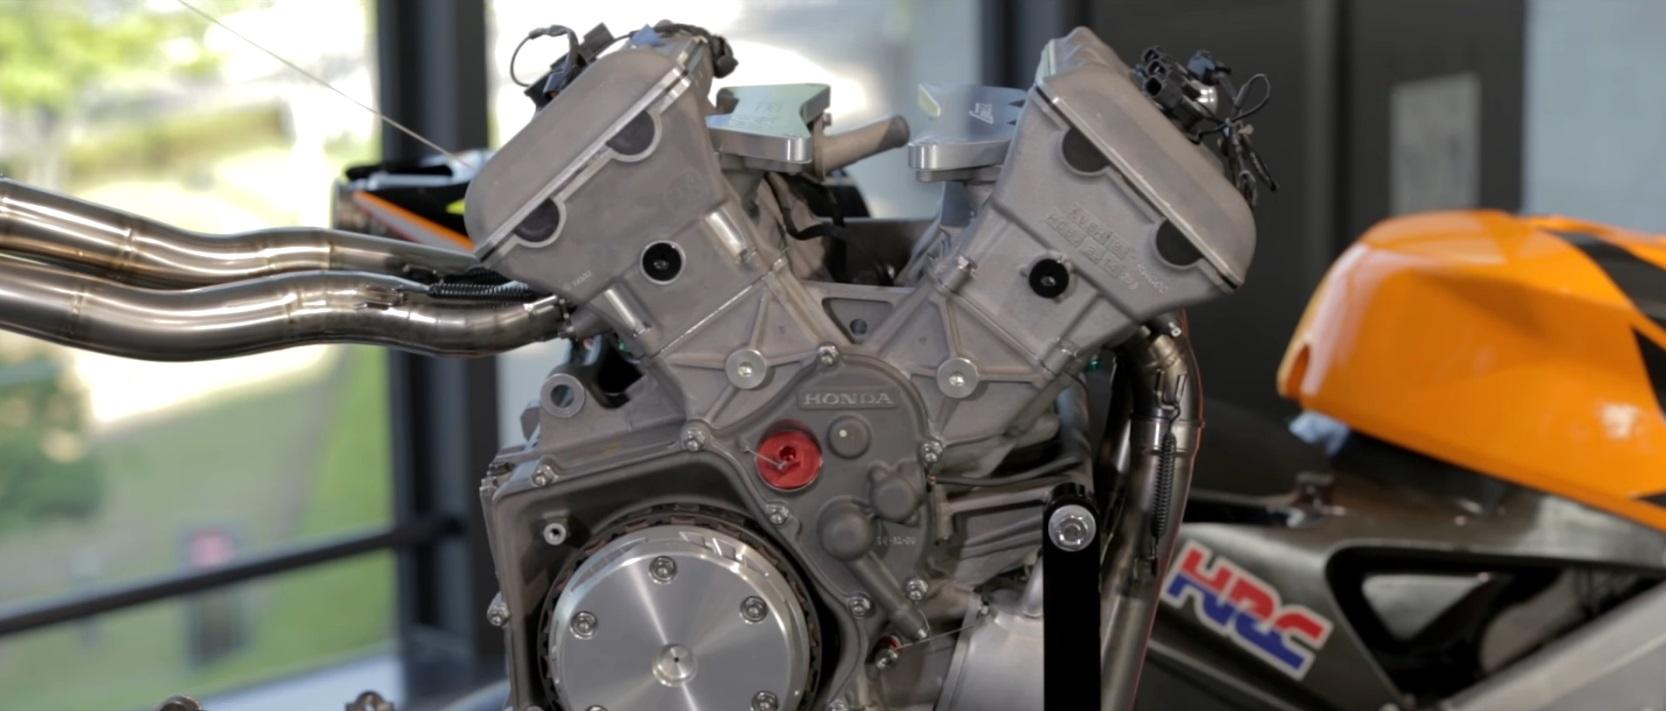 Motor en V de una Honda RC211V